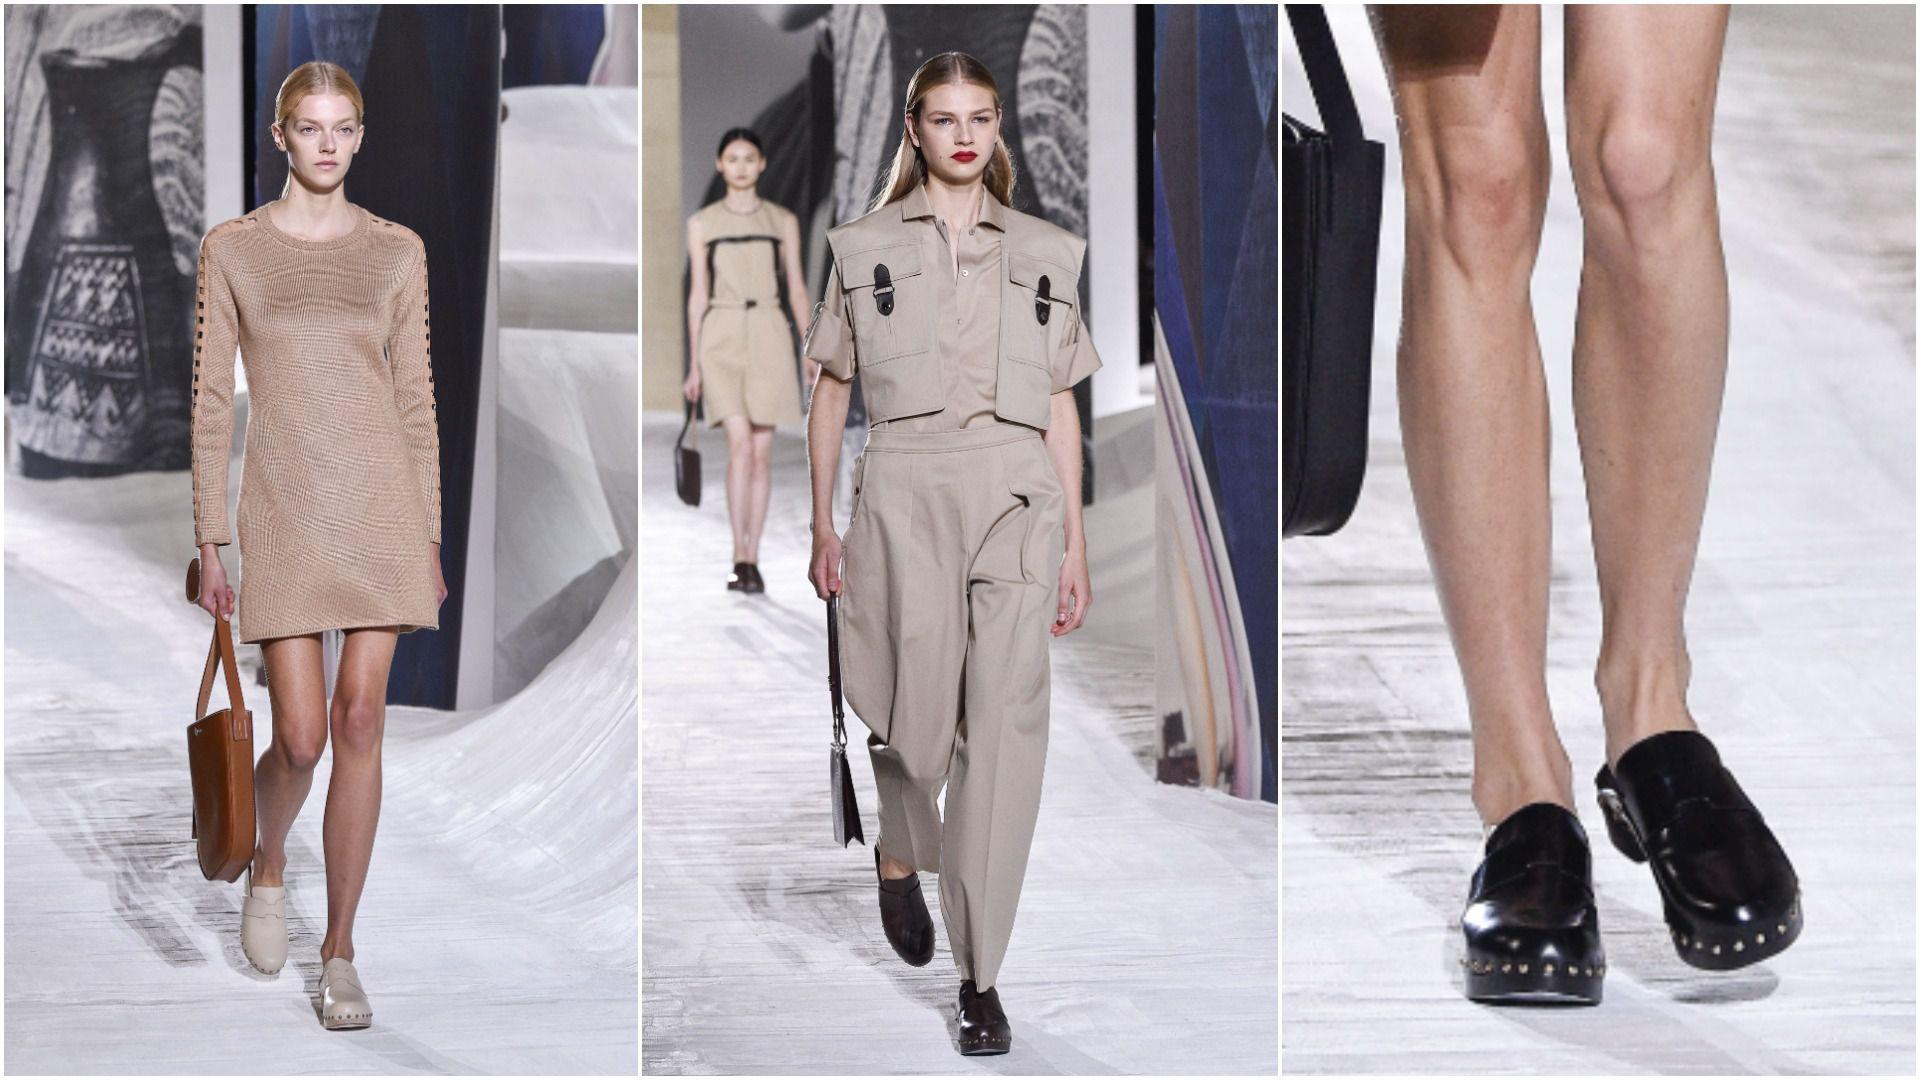 Klompe su se vratile u modu! Luksuzni francuski brend predlaže ih kao must have za proljeće i ljeto